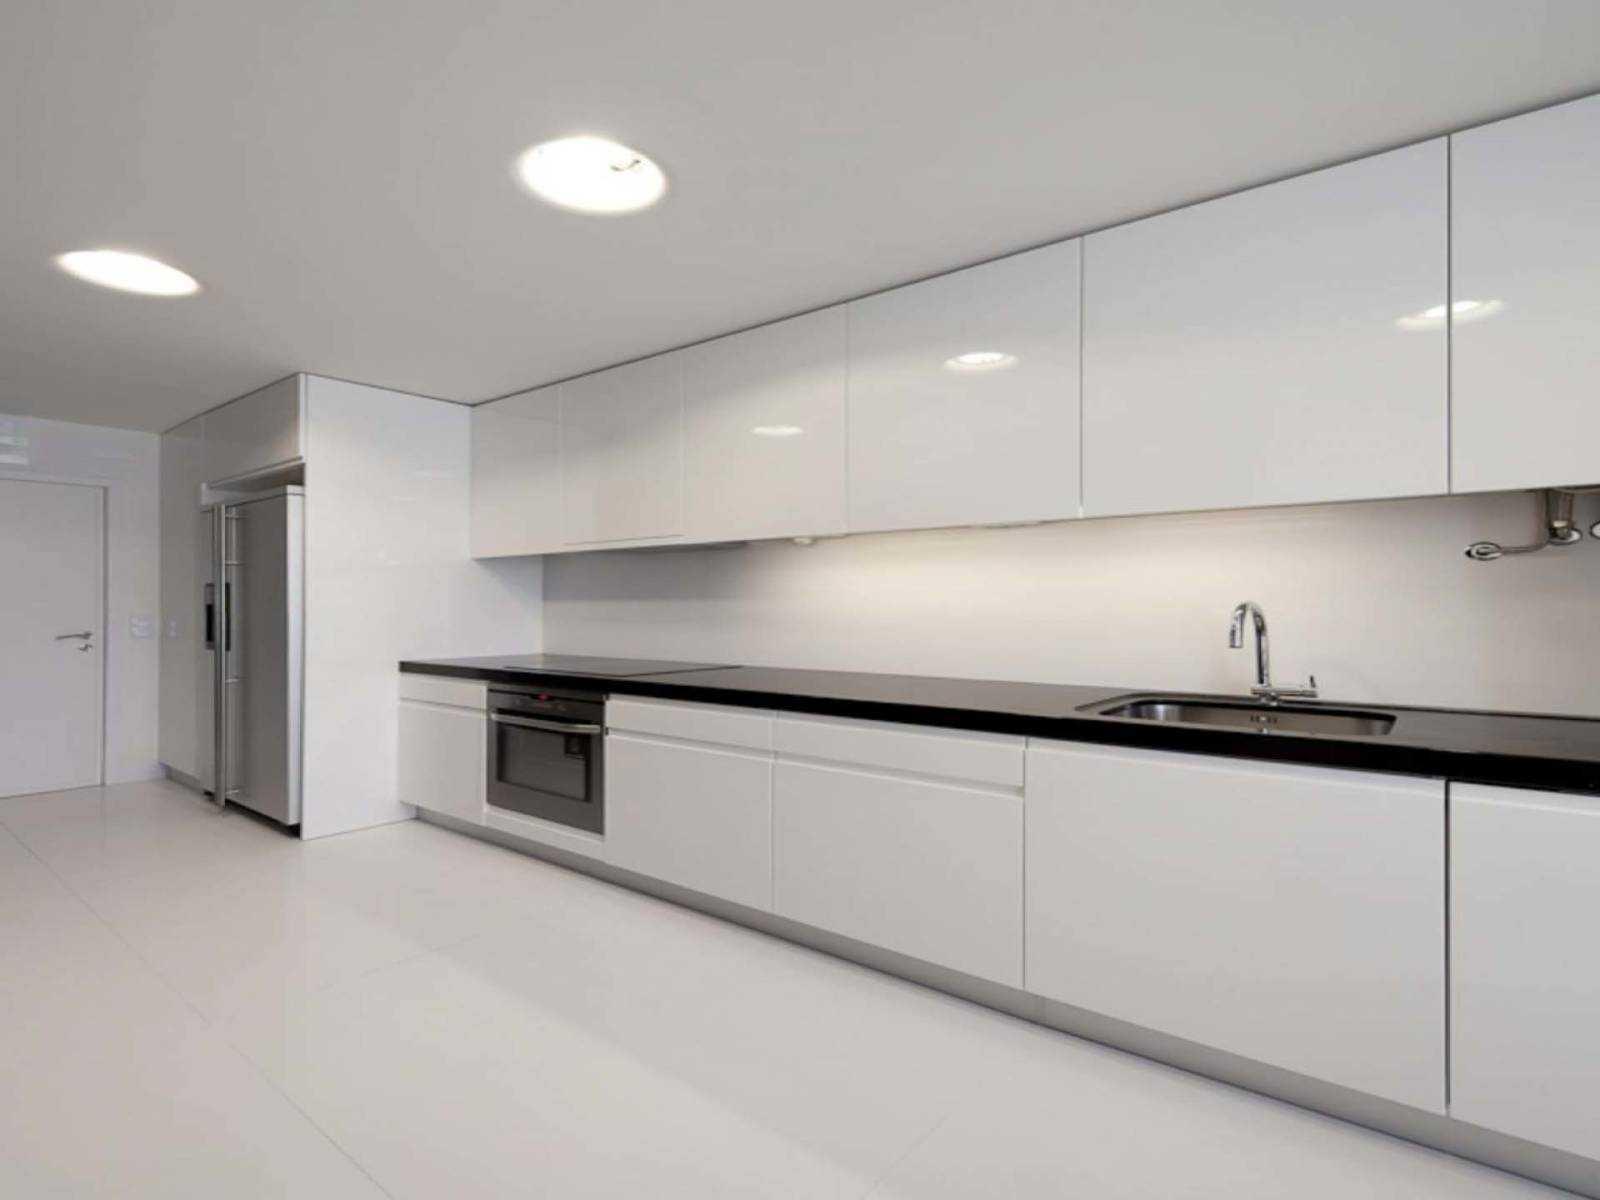 также картинки фото кухни в светлых тонах без ручек в марте залом служит